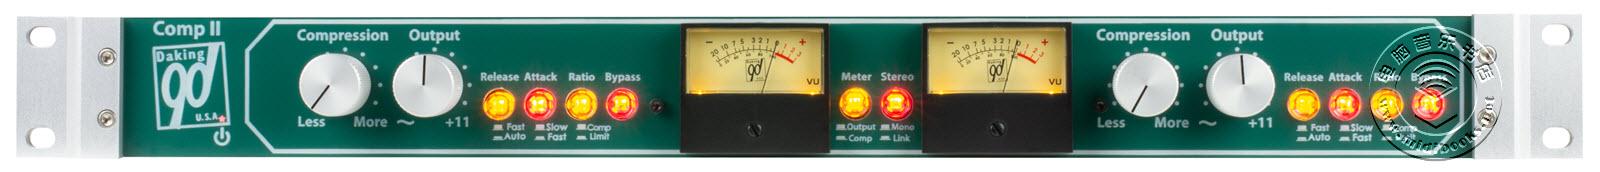 新版模拟压缩器Daking Comp IIT发布